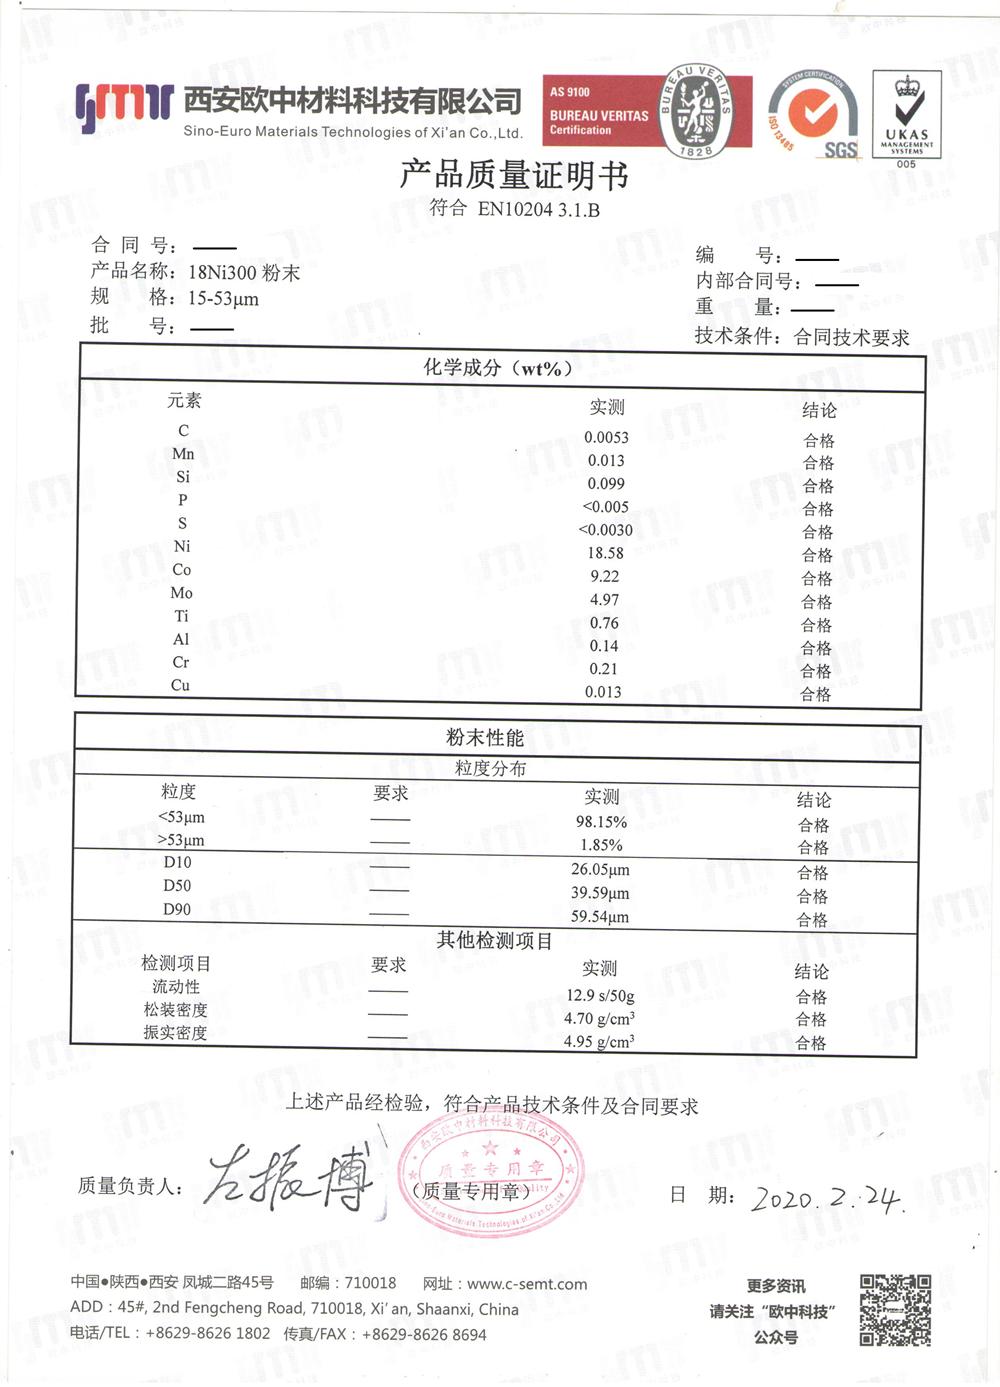 【欧中科技】产品推荐----SS-PREP®18Ni300增材制造用模具钢球形粉末